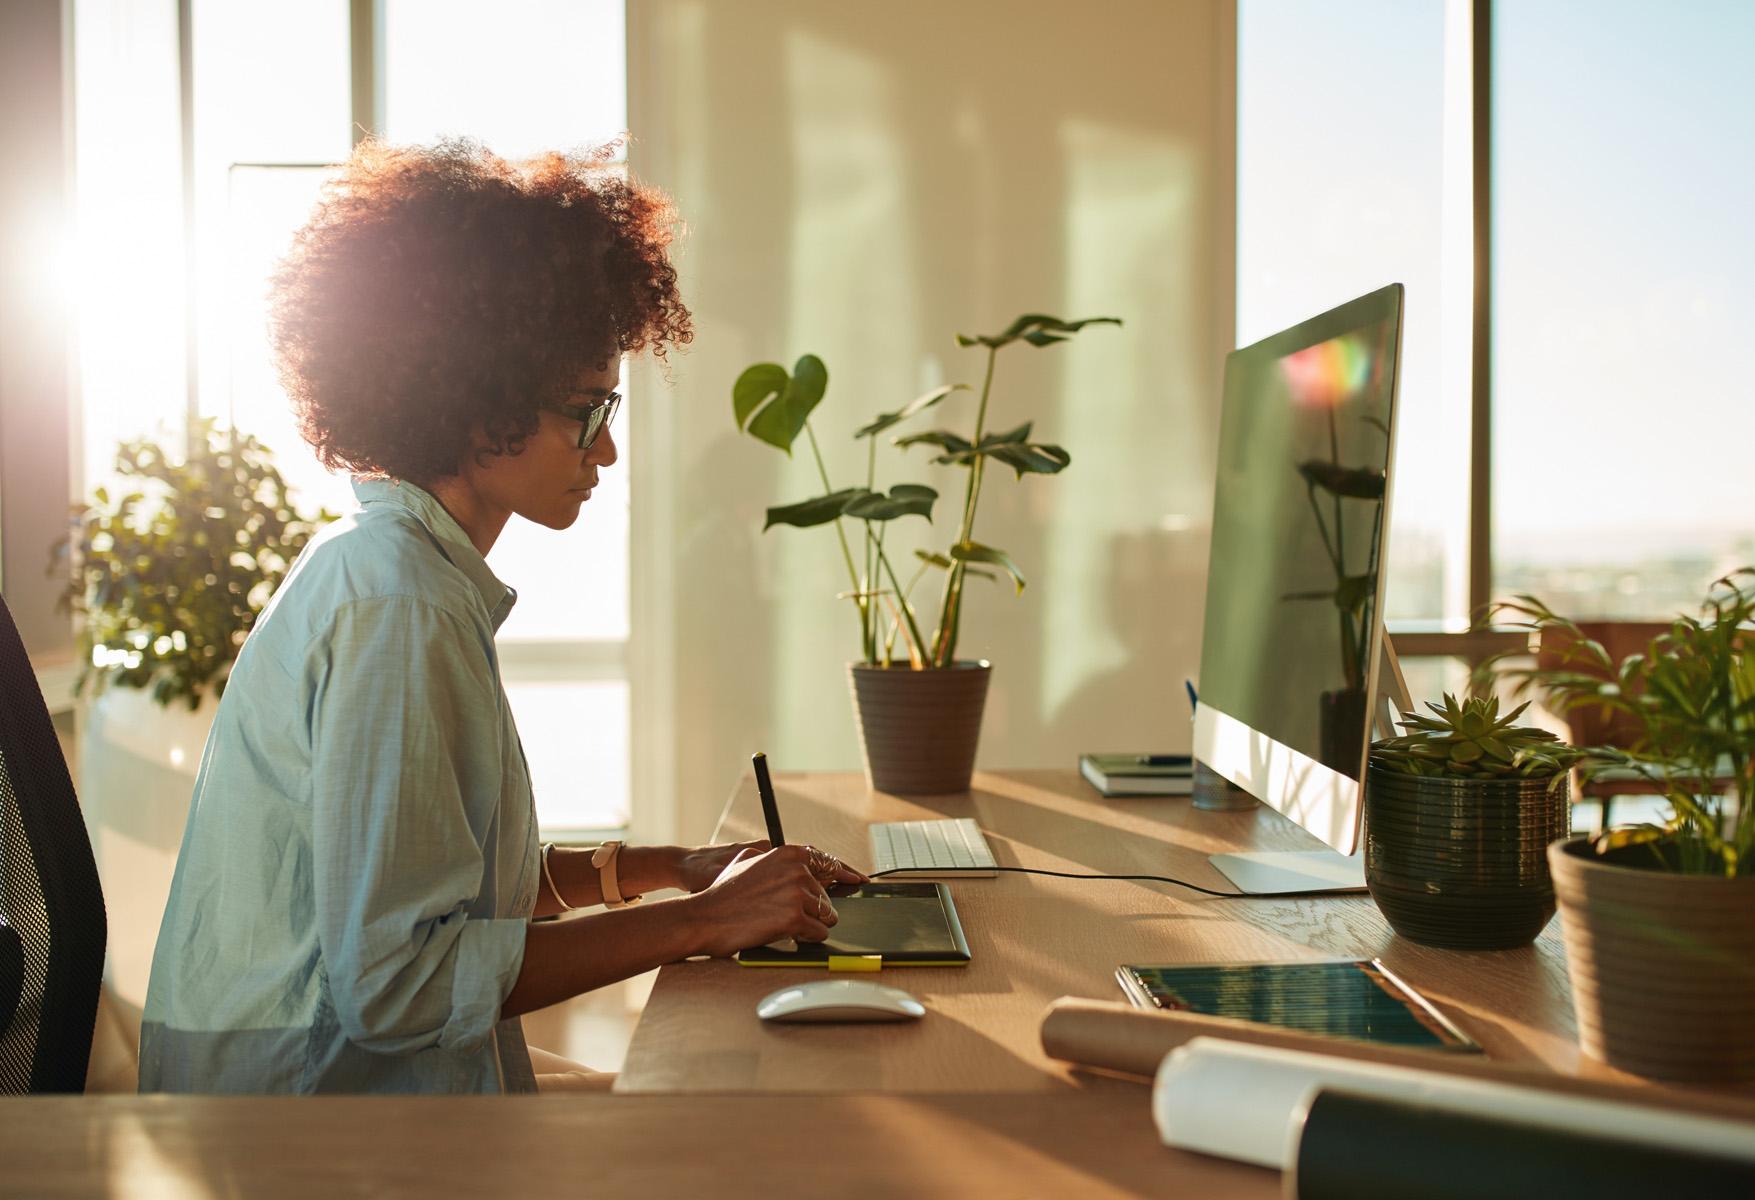 Contrata a un diseñador gráfico profesional para que se haga cargo de tu marca personal,te asegurará los mejores resultados y un buen retorno de tu inversión.